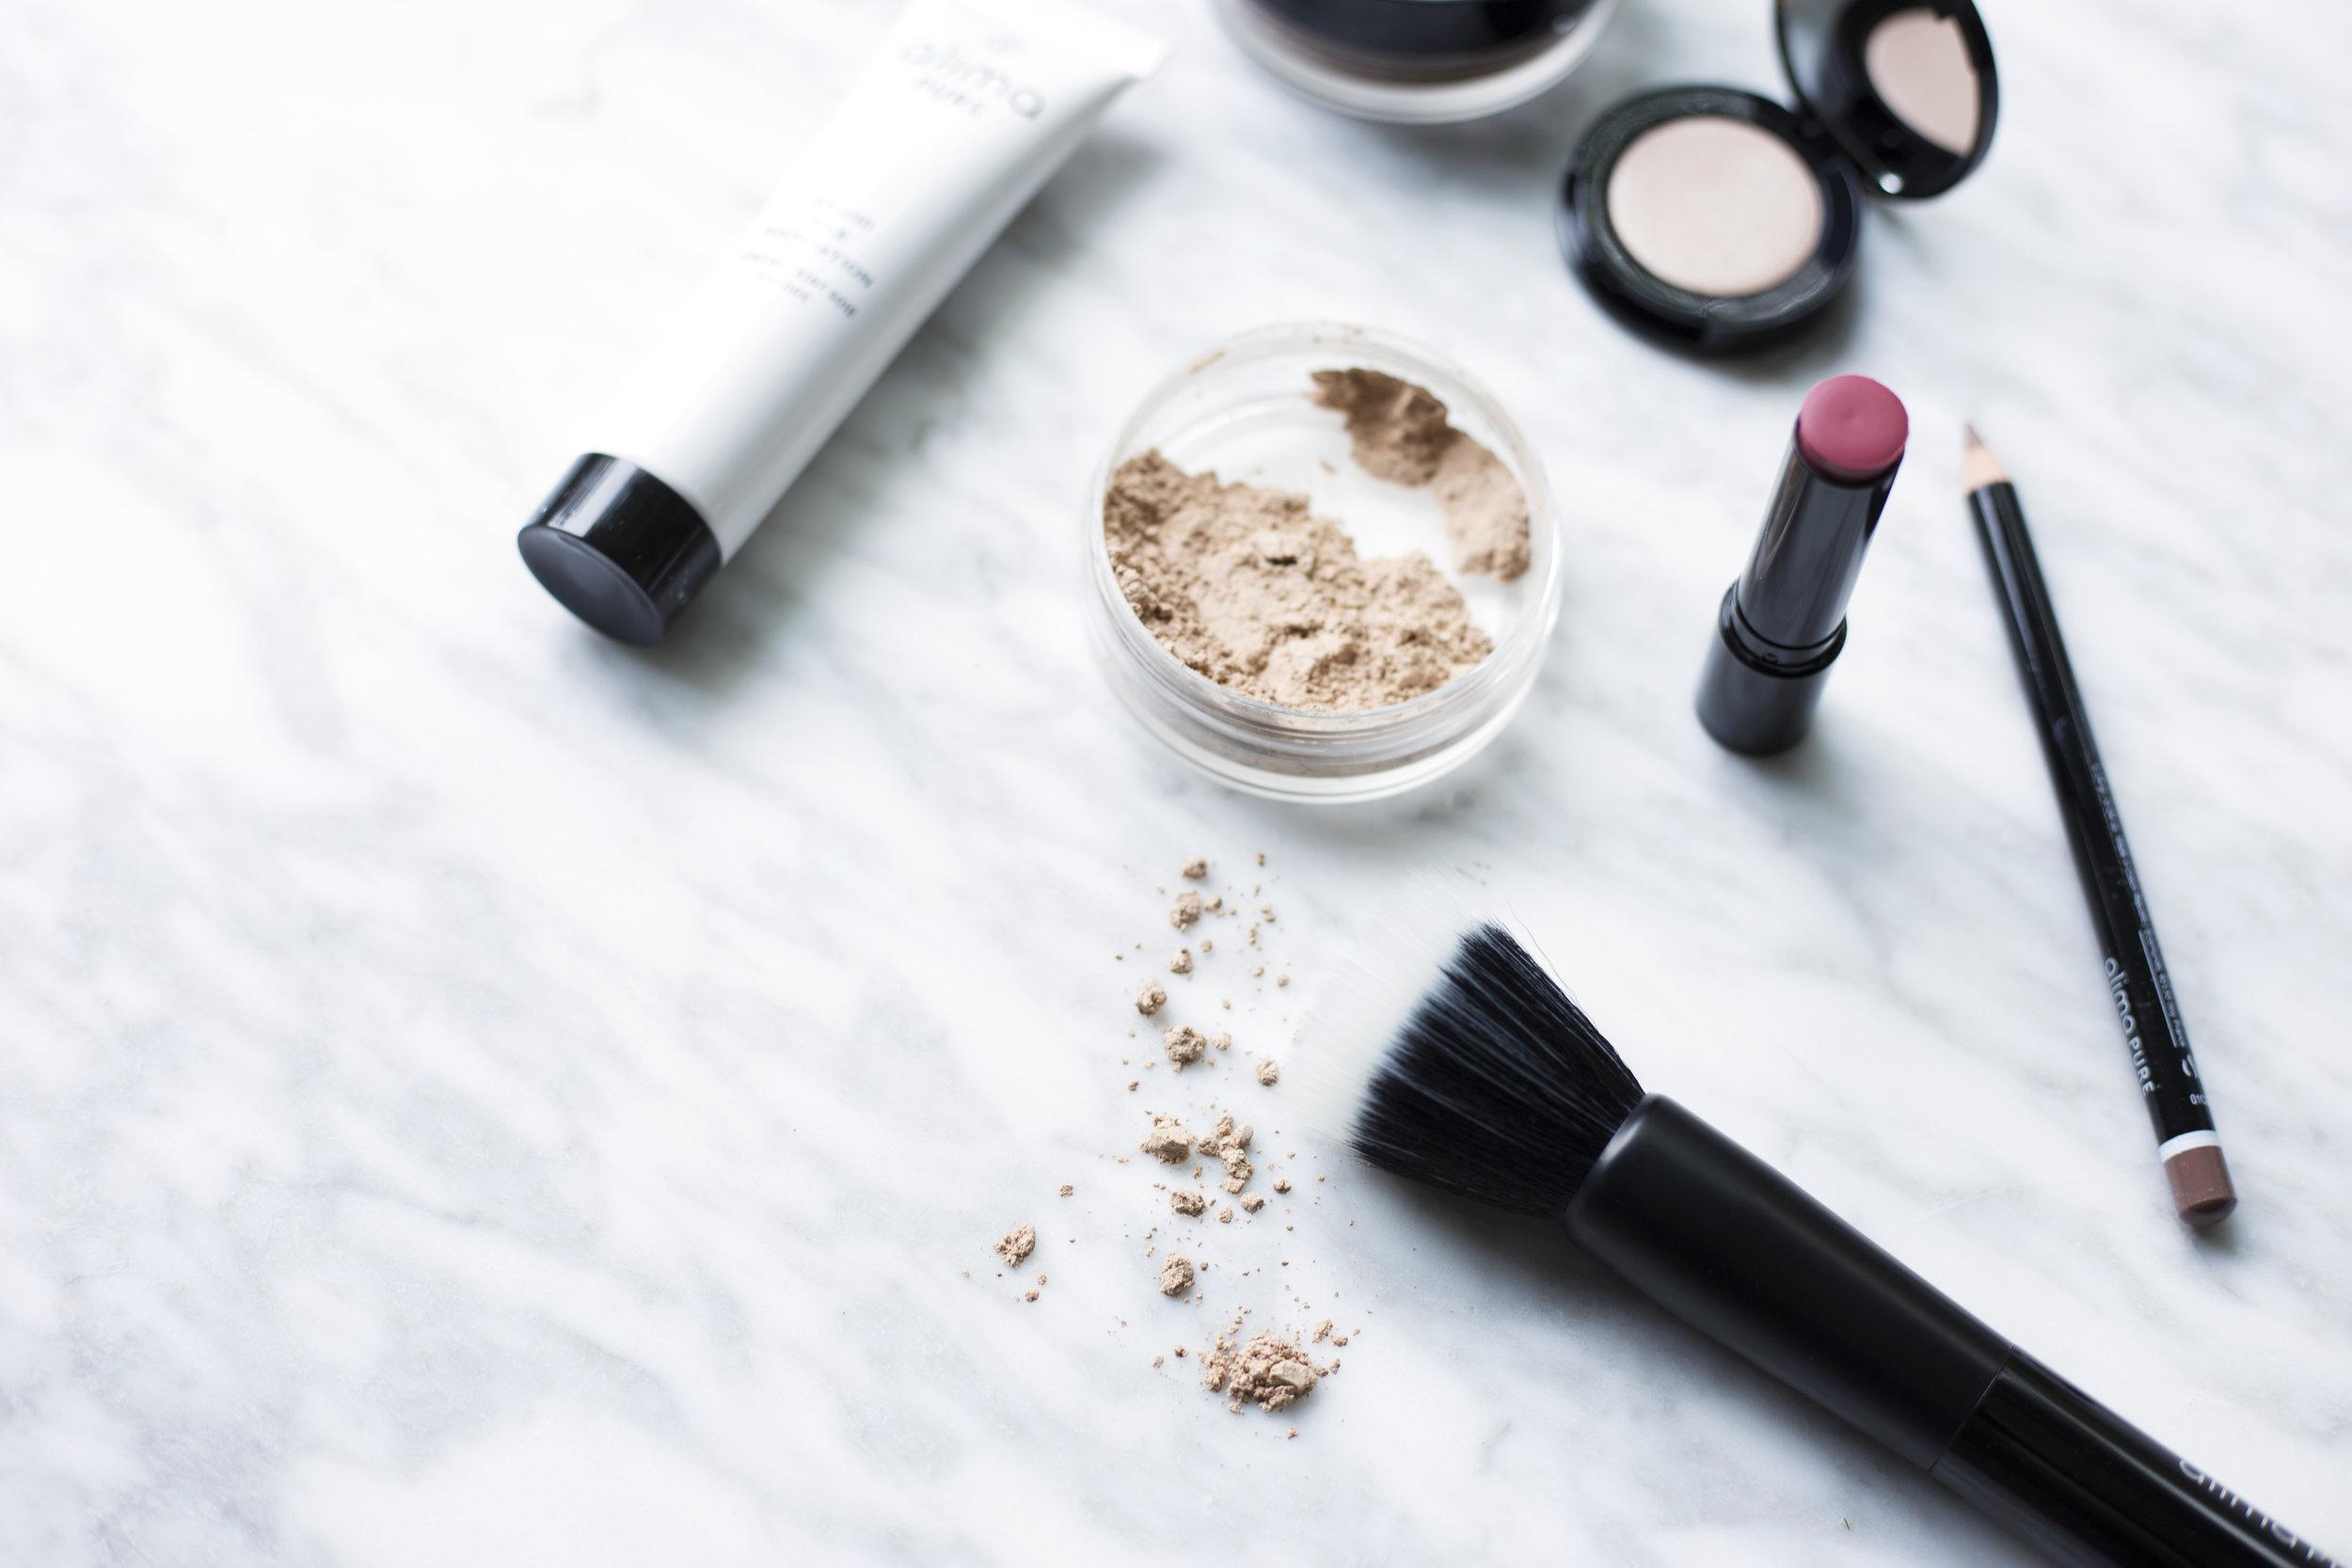 Natural make up to eliminate endocrine disruptors